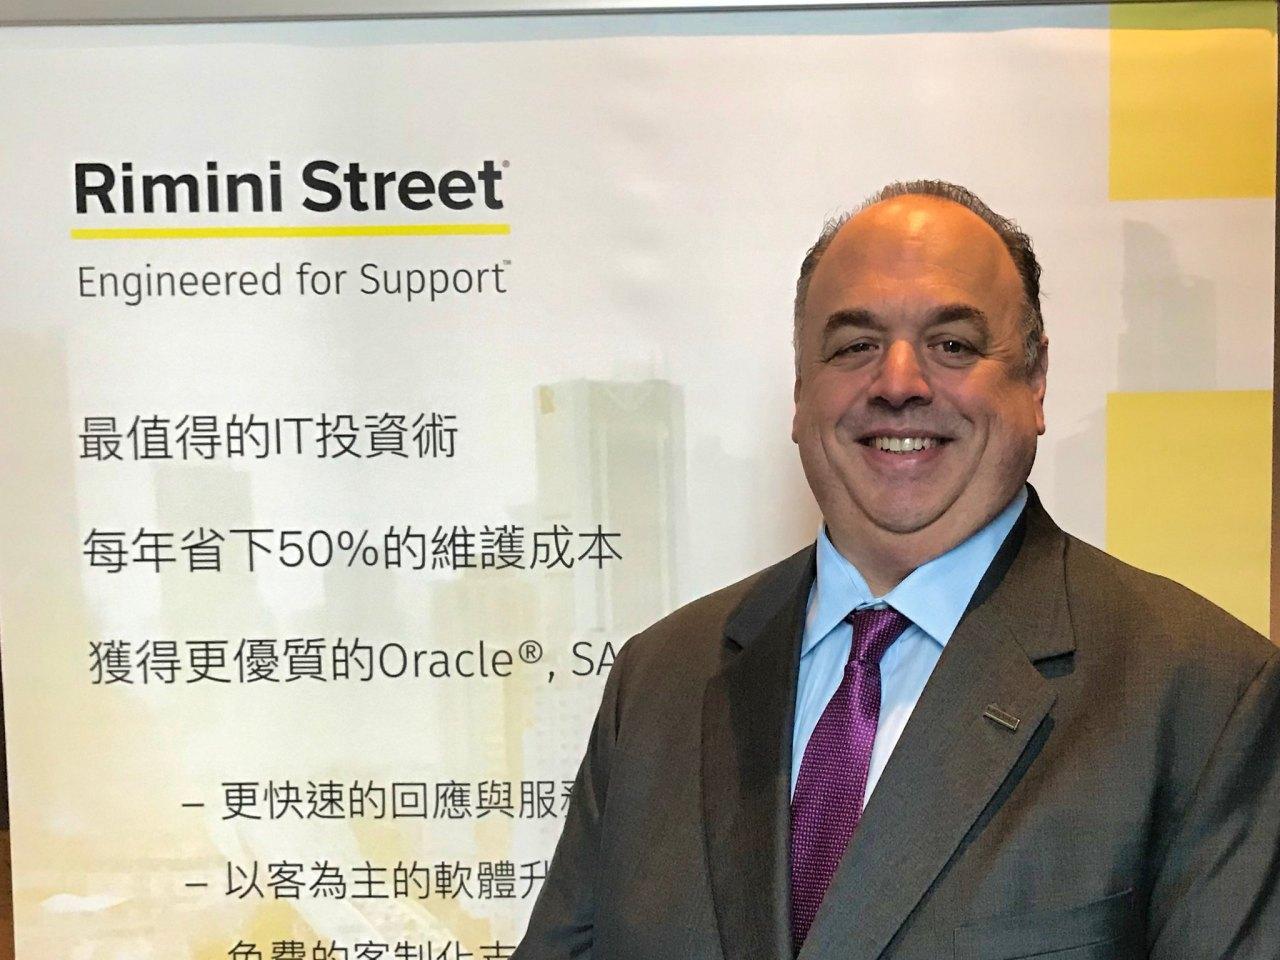 [專訪] Rimini Street執行長Seth Ravin:SaaS服務不見得更便宜,企業需要更好的夥伴